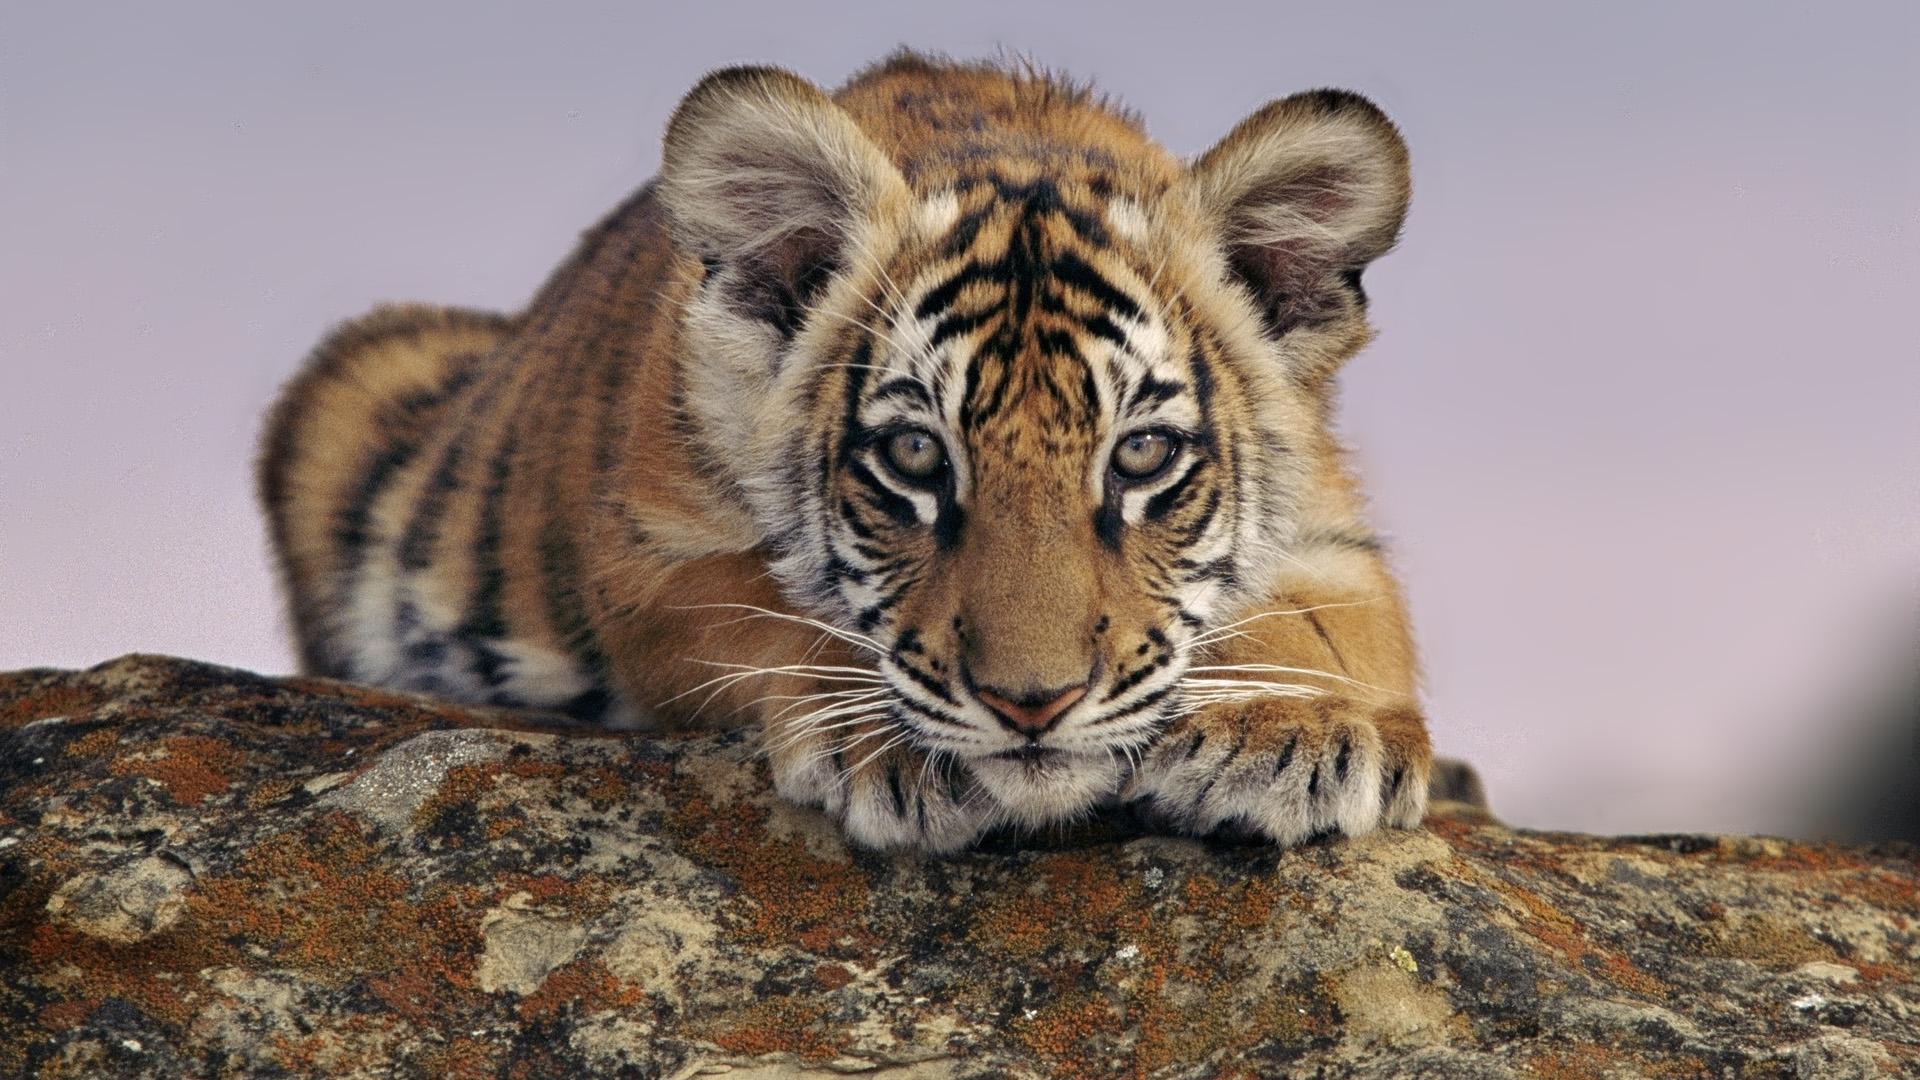 属虎和什么属相最配 什么属相最配属虎的